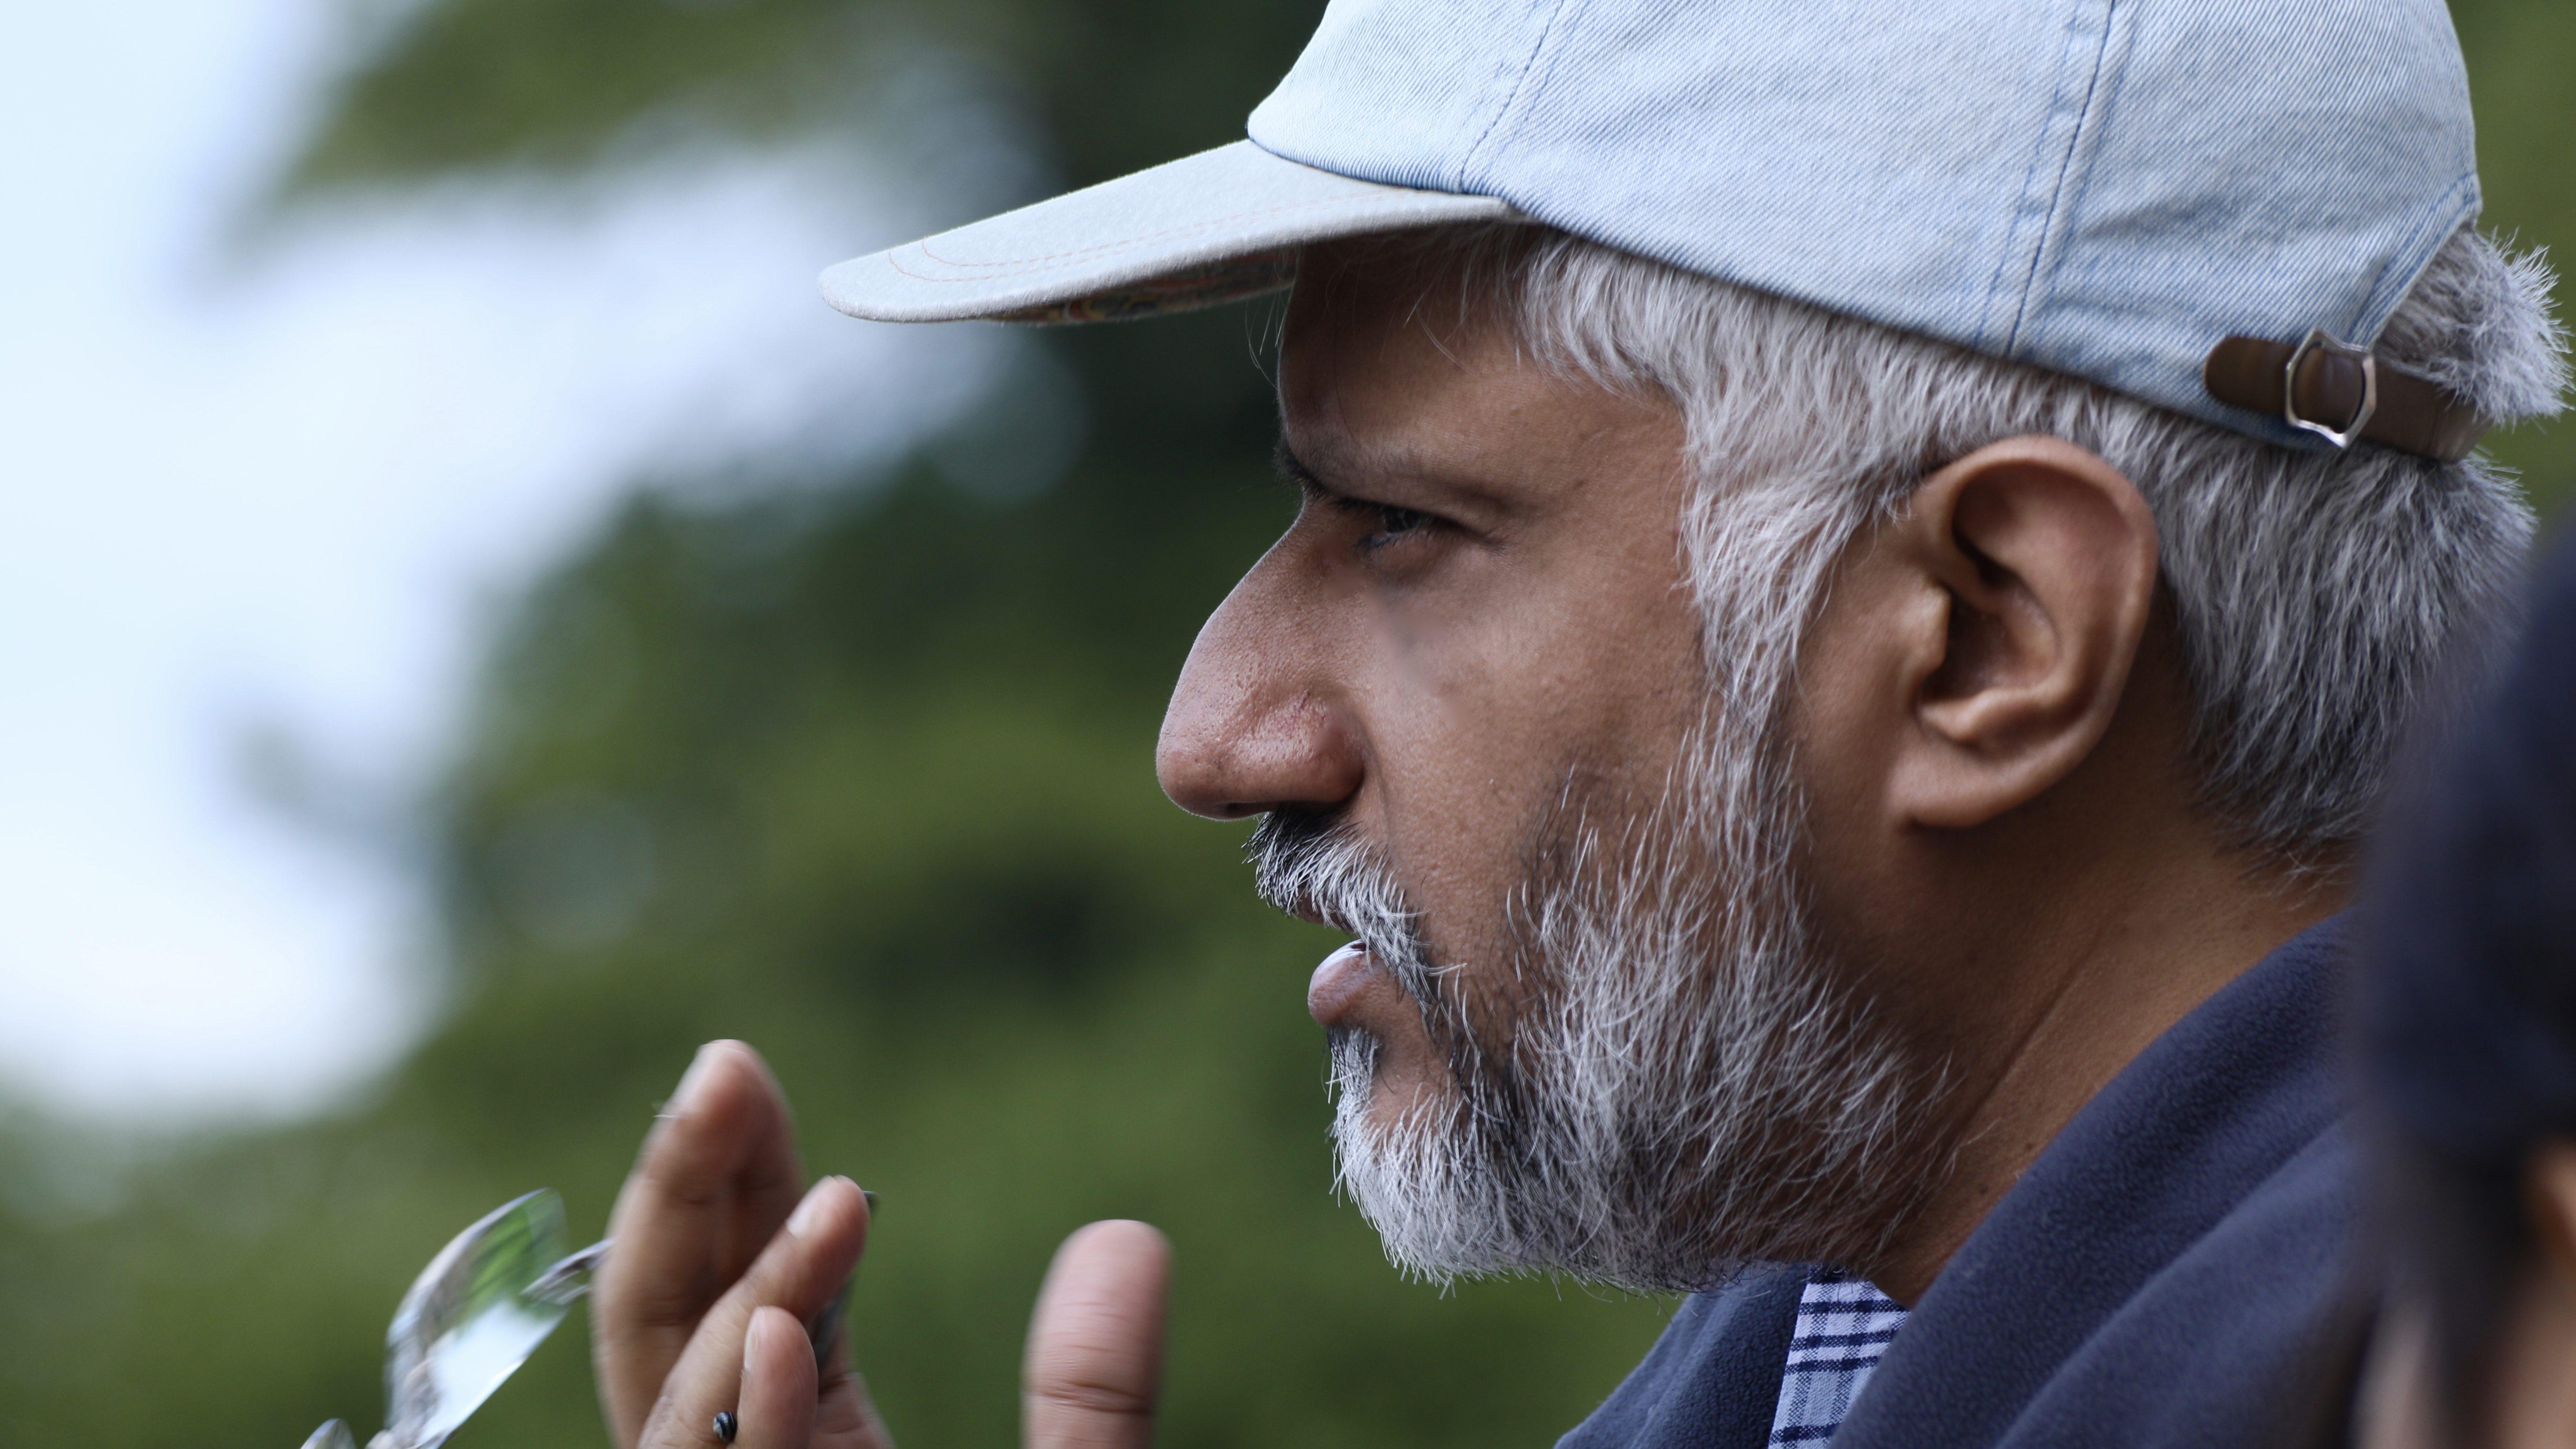 Bollywood veteran Vikram Bhatt is choosing smartphones over